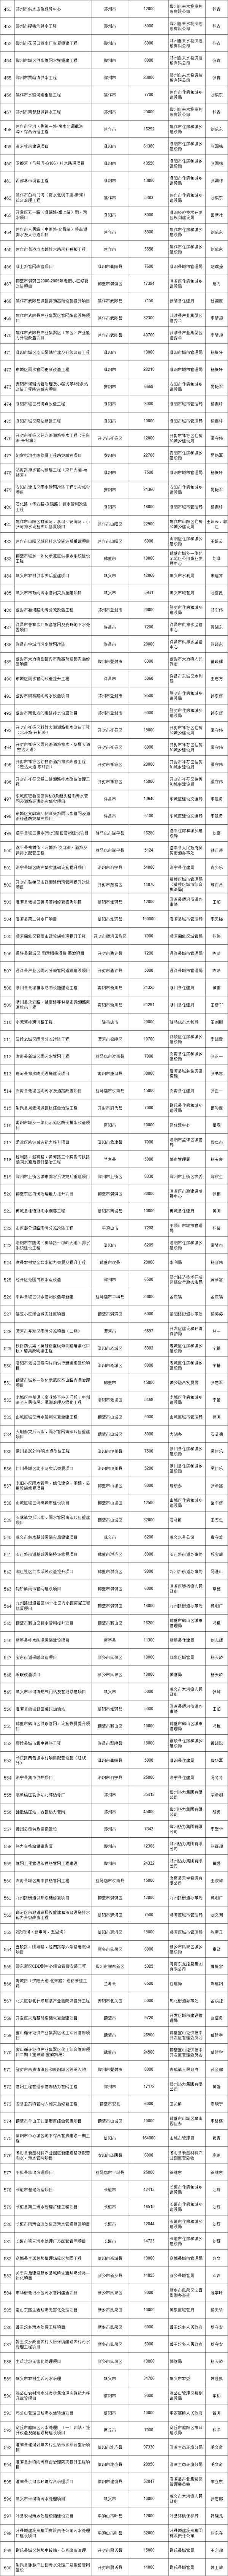 导出图片Tue Aug 24 2021 08_56_19 GMT+0800 (中国标准时间).png